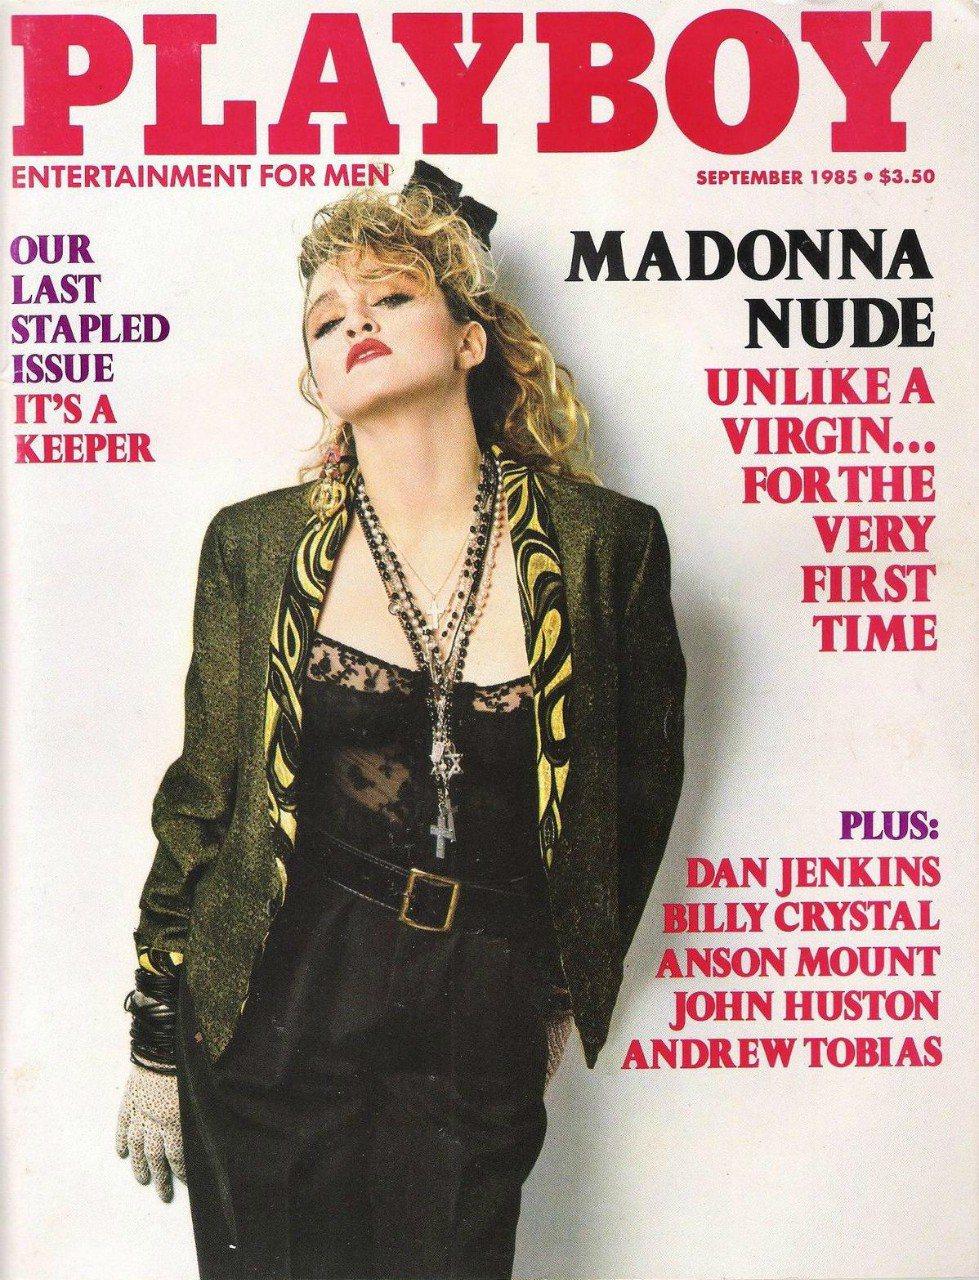 32年前,瑪丹娜旋風襲捲全球,登上「花花公子」封面。圖/摘自cbsnews